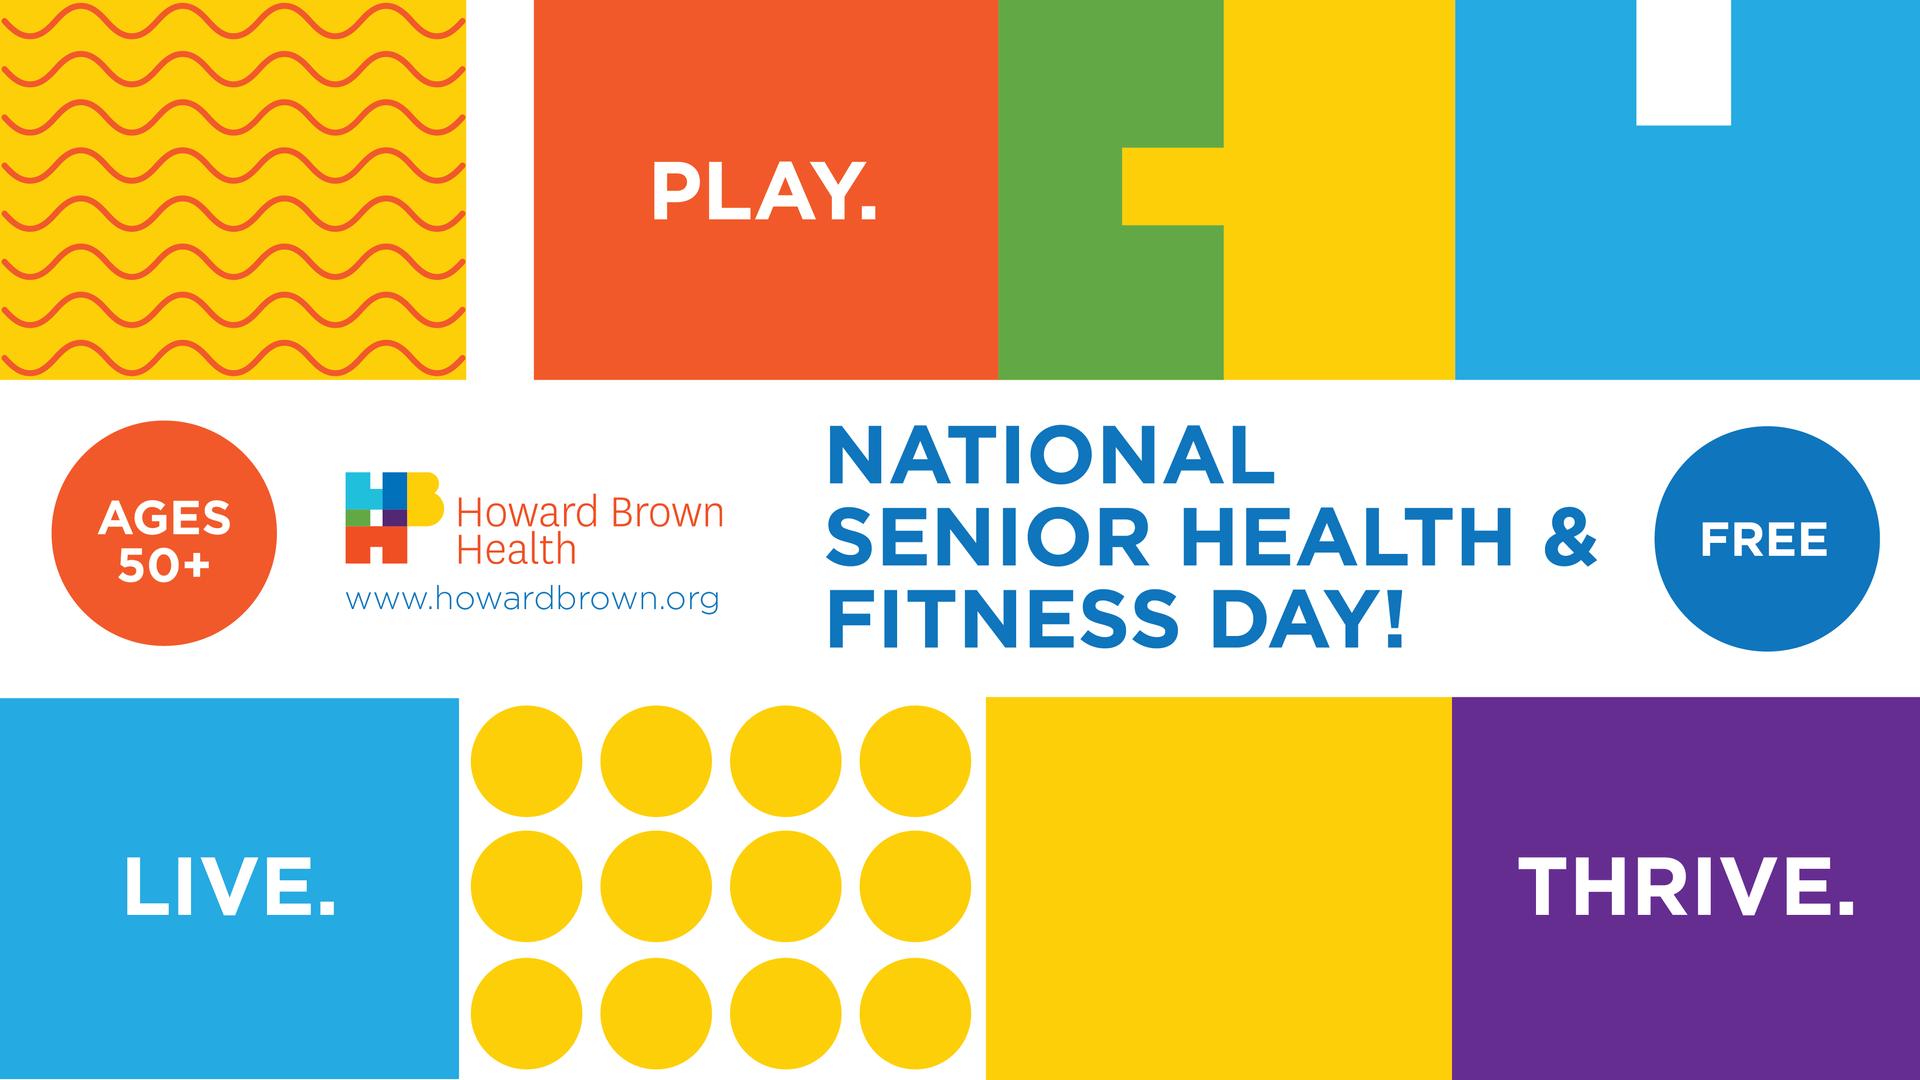 Howard Brown Health